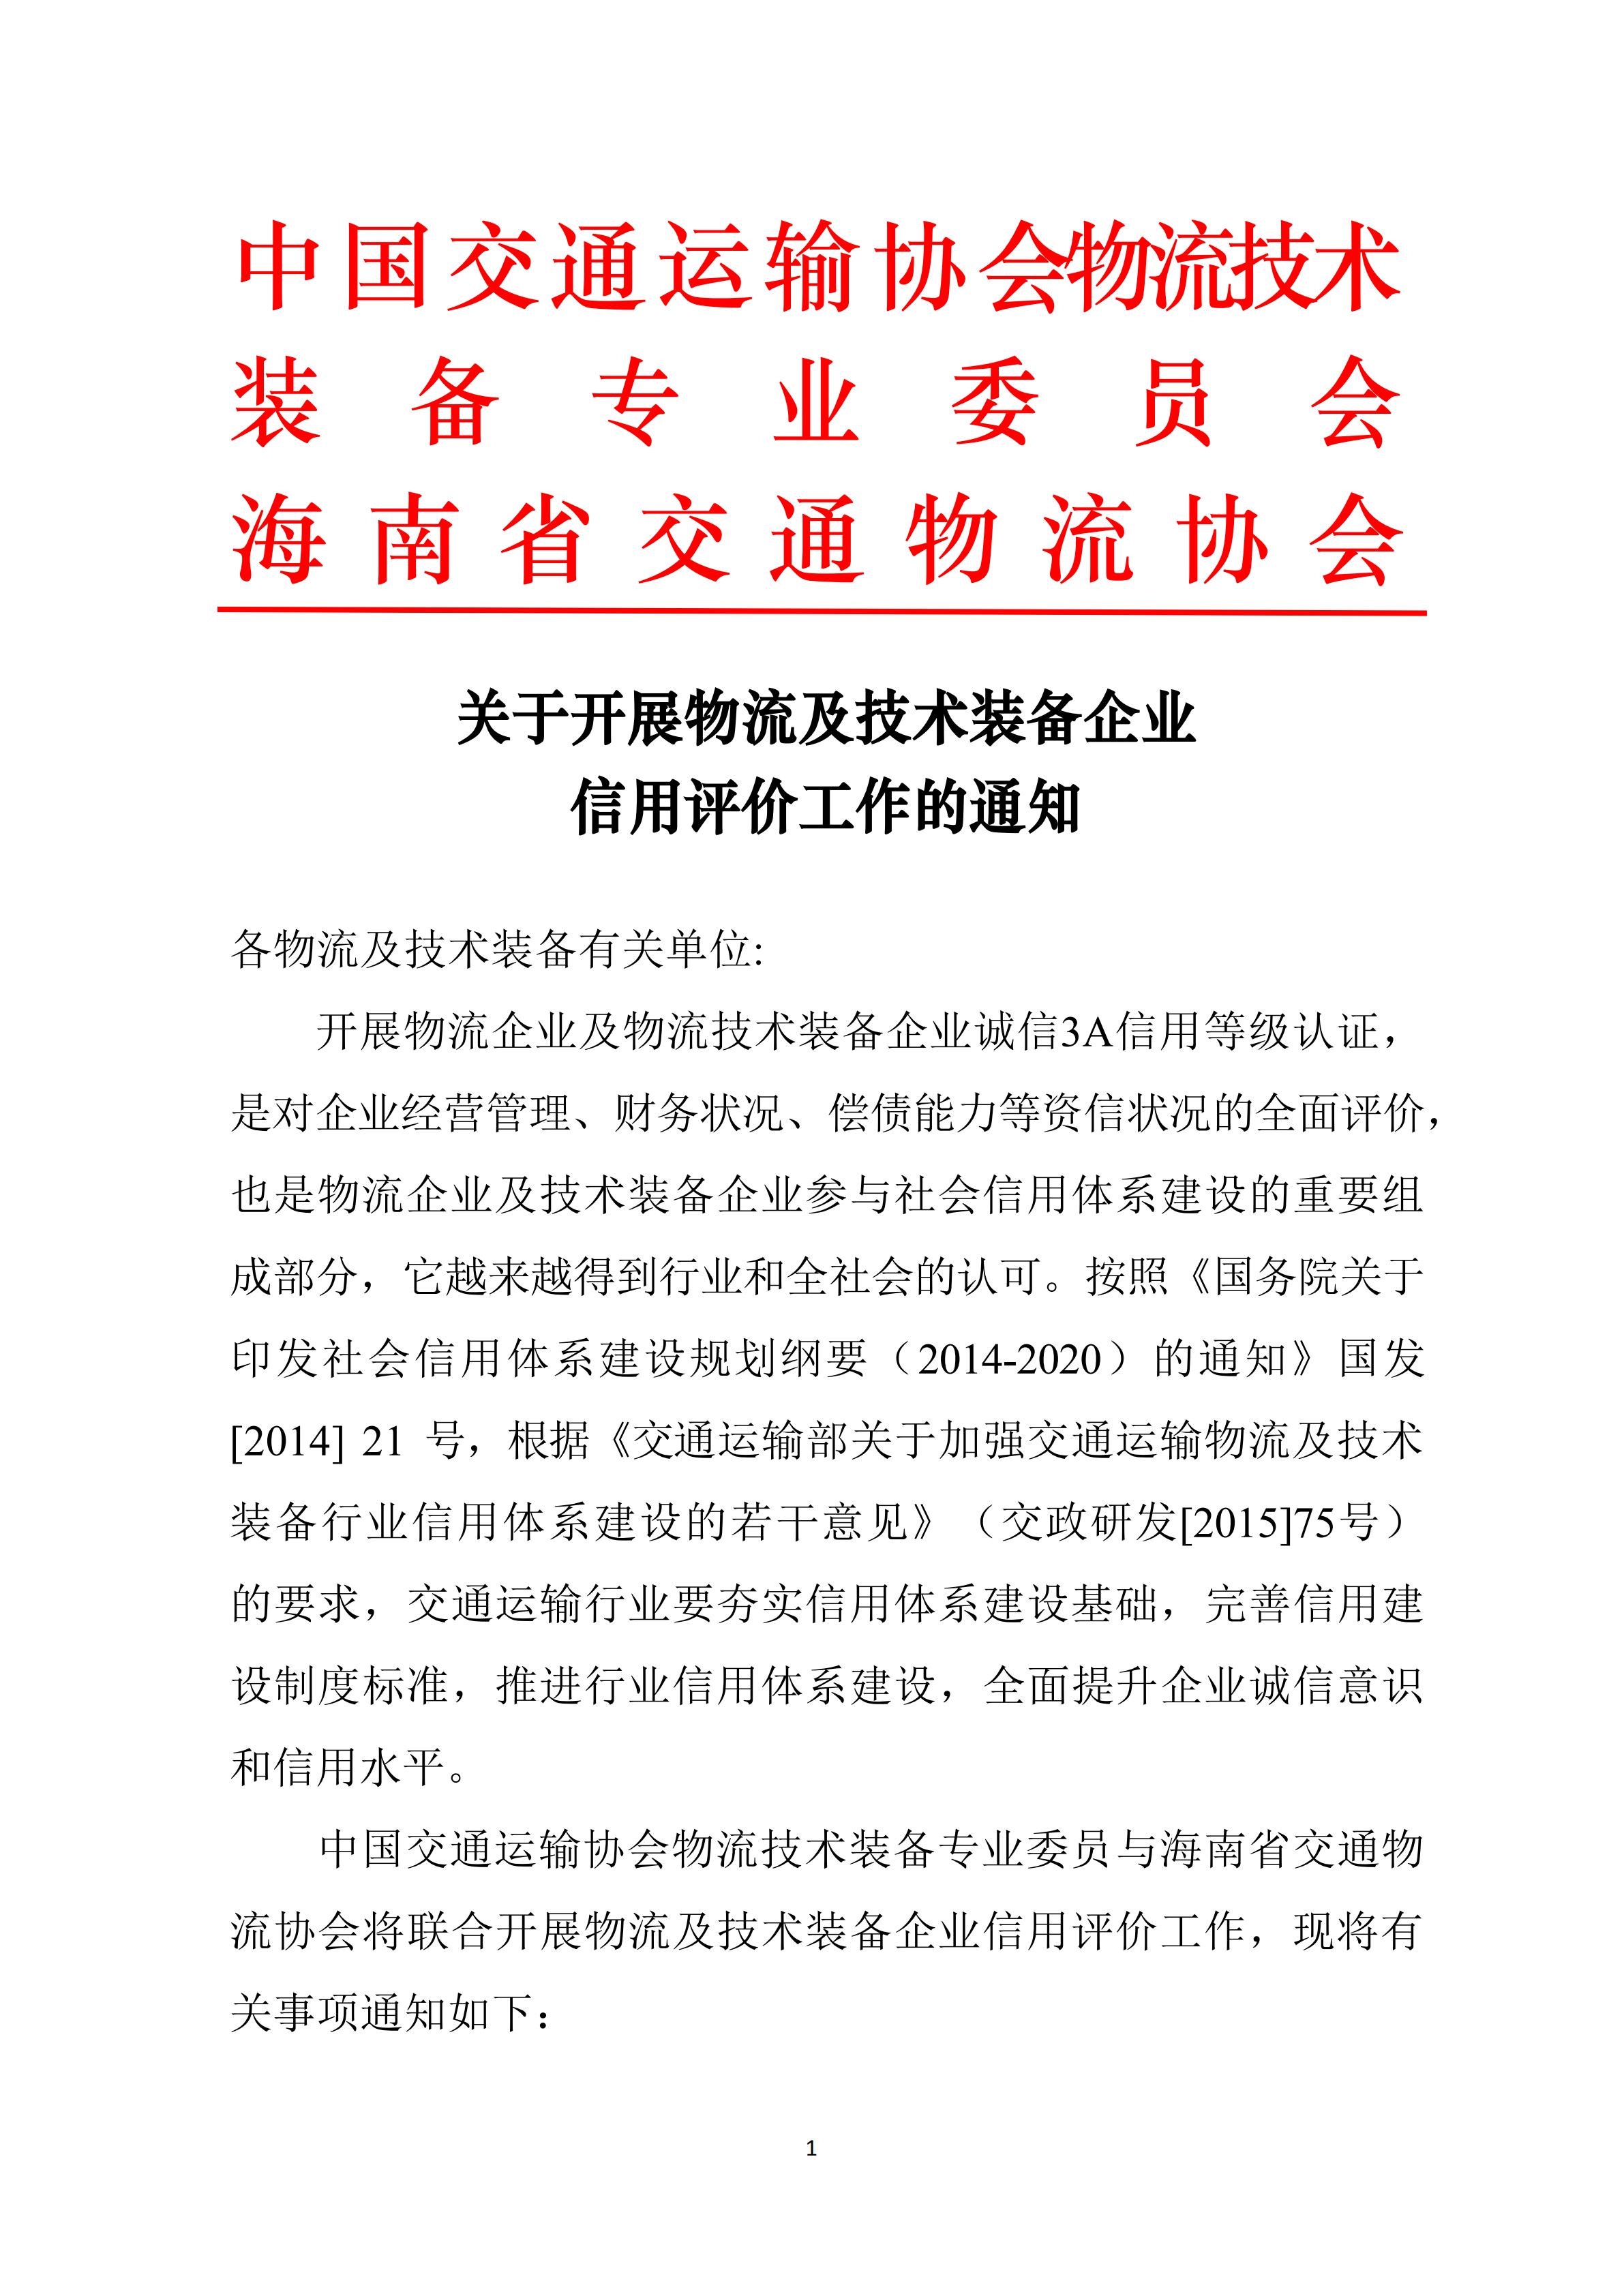 关于开展物流及技术装备行业信用评价工作的通知(2020.4.17)(1)_00.png